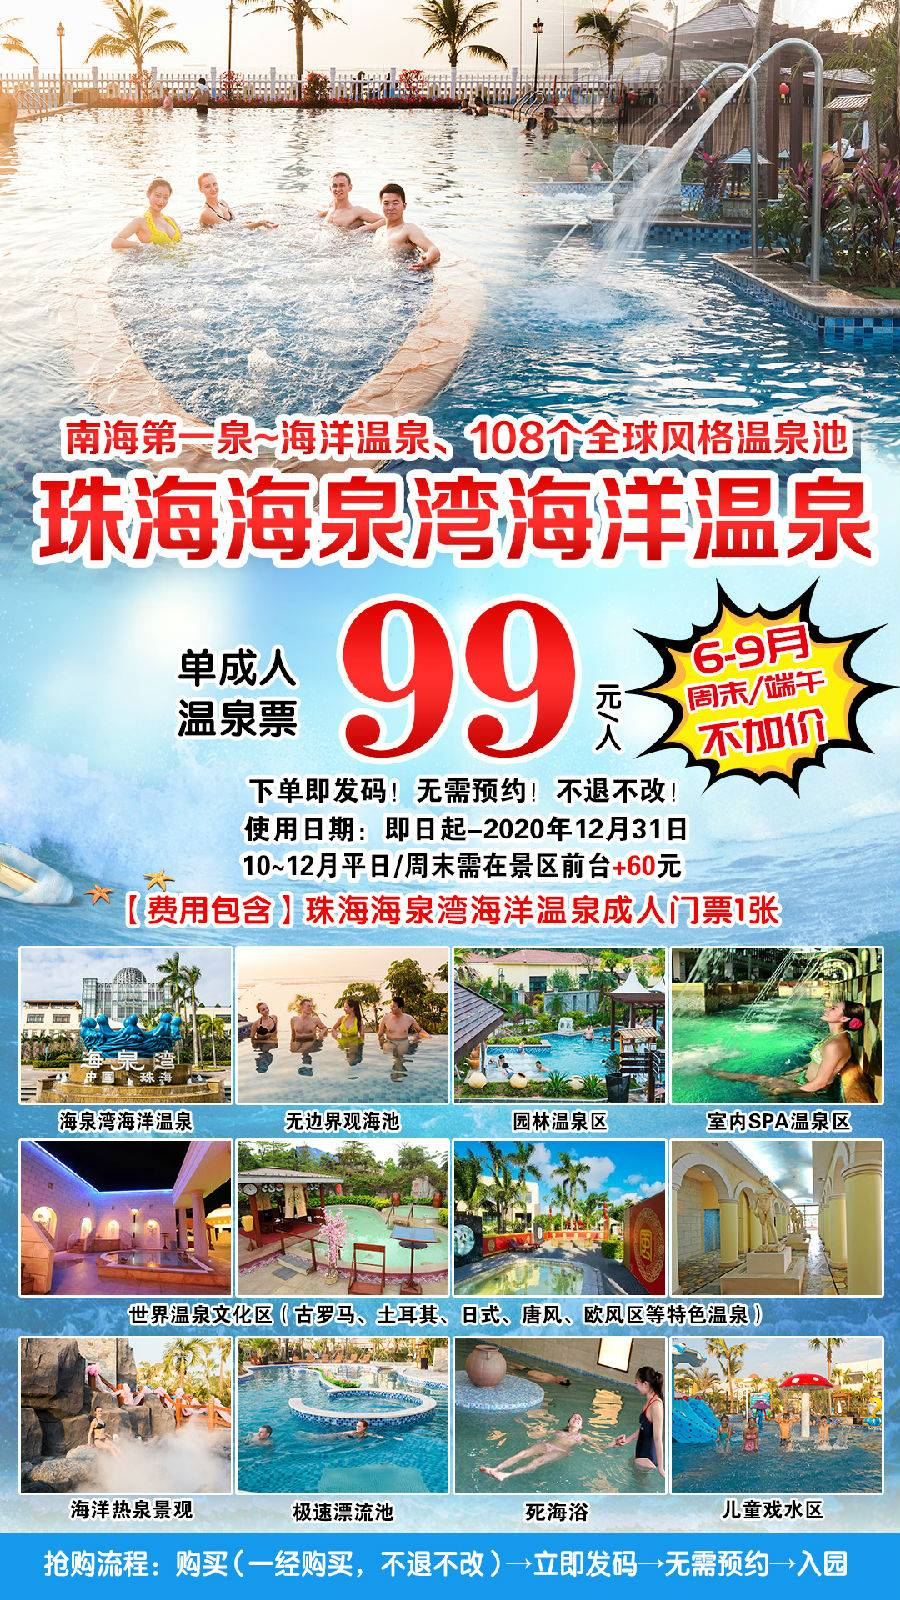 【预售】【端午可用】珠海海泉湾海洋温泉单人票99元(预售B产品,有效期至202012.31)